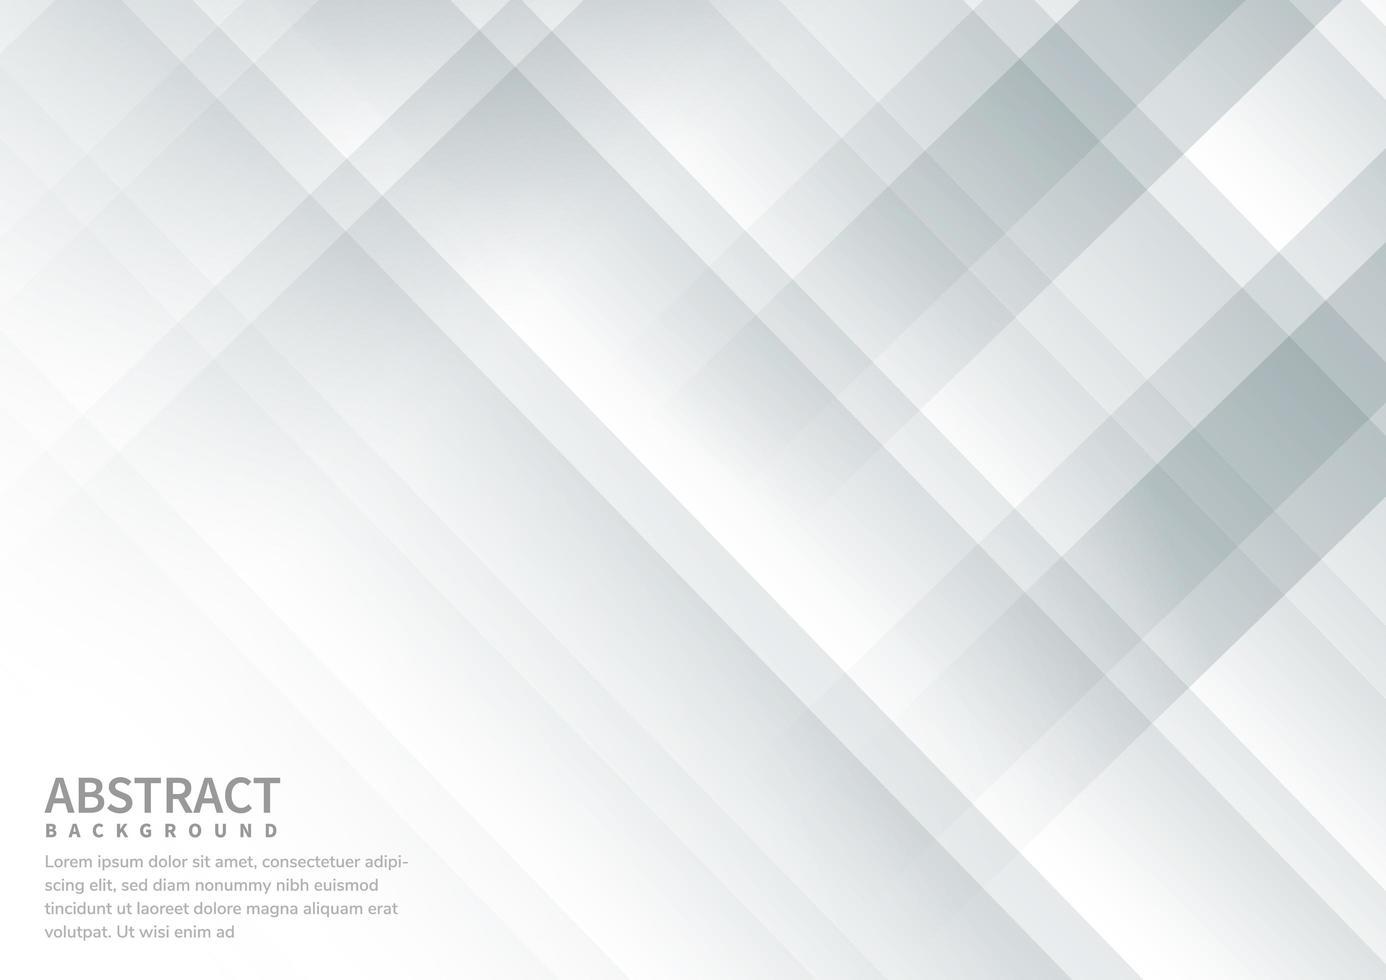 sfondo diagonale grigio e bianco vettore